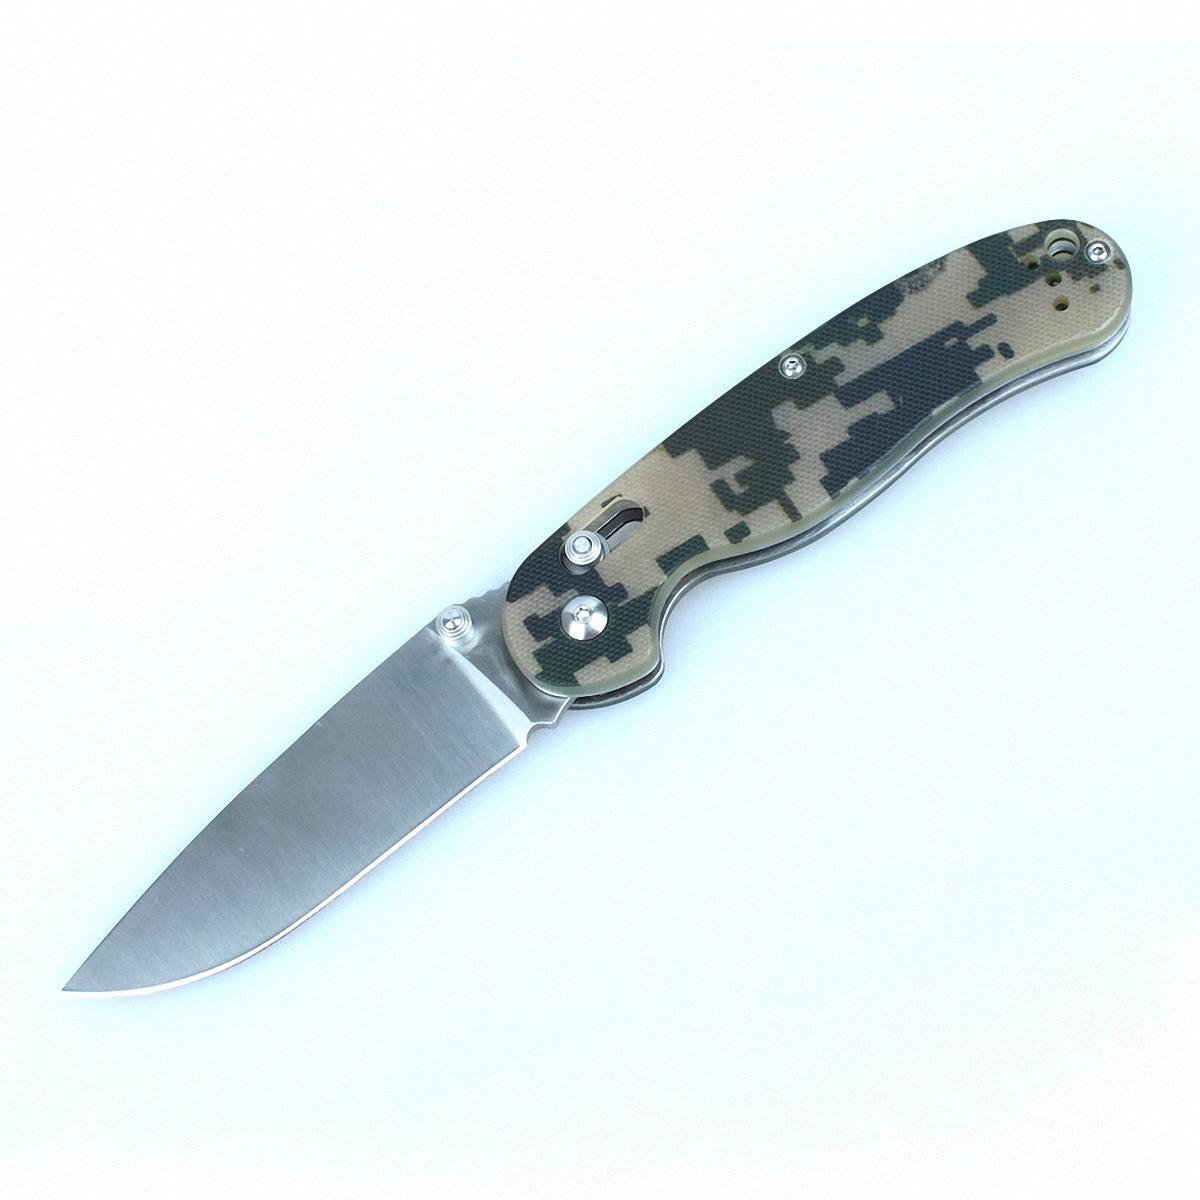 Нож Ganzo G727M камуфляжG727M-CAОбласть применения Ganzo 727M достаточно широка благодаря тому, что это карманный нож, который вполне безопасно переносить и удобно использовать. Его можно взять в качестве помощника на рыбалку или в туристический поход, на охоту, на пикник или велопрогулку. В городе нож также может оказаться очень полезен, если вам понадобится разрезать яблоко, упаковку своих покупок или же решить другие задачи. Лезвие ножа сделано из нержавеющей стали, что также большой плюс для ножа, который используется на природе. В данной модели используется марка стали 440С, которая помимо высокой сопротивляемости коррозии отличается еще и довольно большой твердостью (около 58 единиц Роквелла). Заточен нож гладко, что дает возможность резать ним практически любые продукты и материалы. Ganzo 727M долго остается острым и легко затачивается даже при помощи карманной точилки в полевых условиях. Размеры клинка составляют 8,9 см при общих габаритах ножа 21 см. Зато в сложенном положении инструмент имеет размеры...